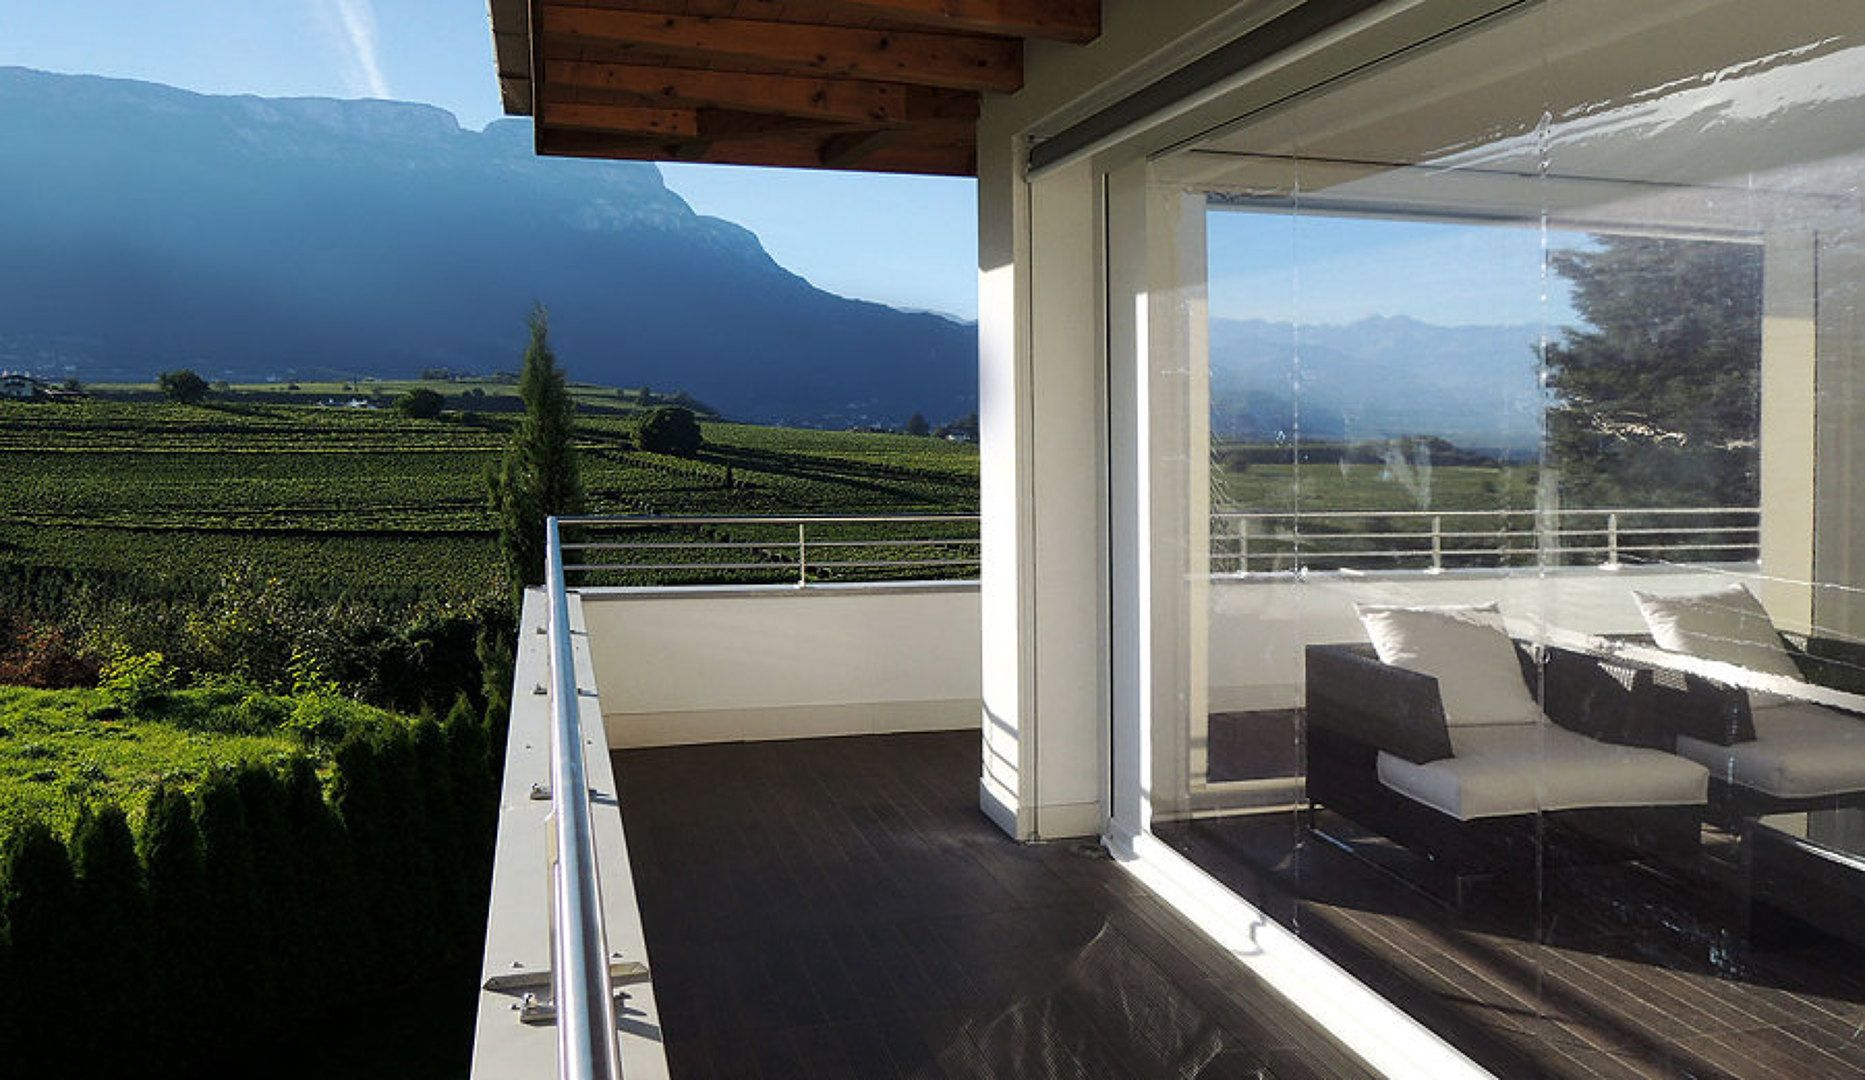 cerramiento de plstico enrollable para terrazas y balcones